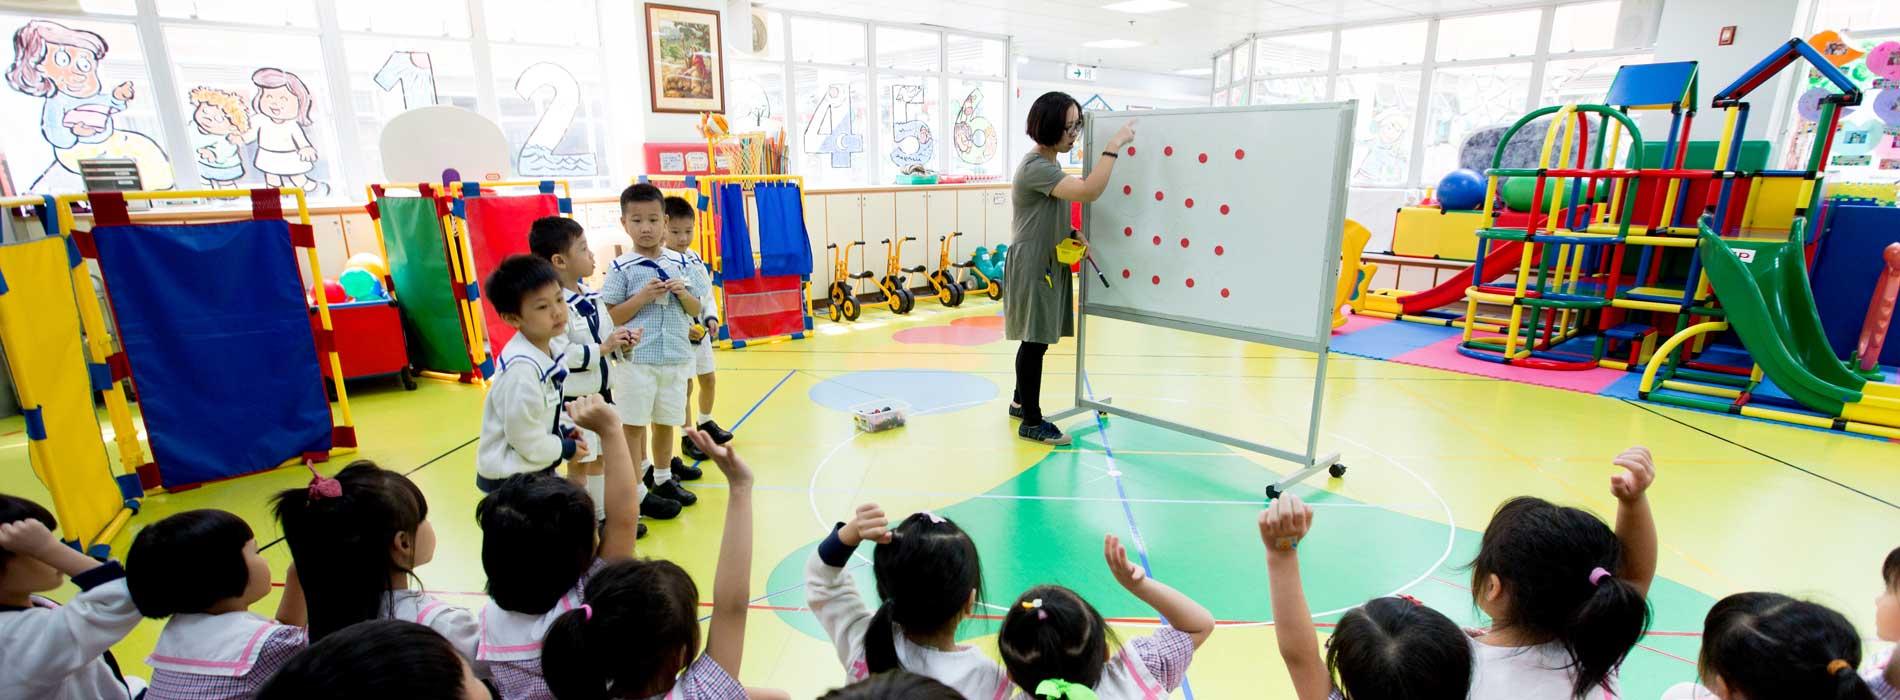 中華基督教青年會幼稚園服務介紹頁面橫幅